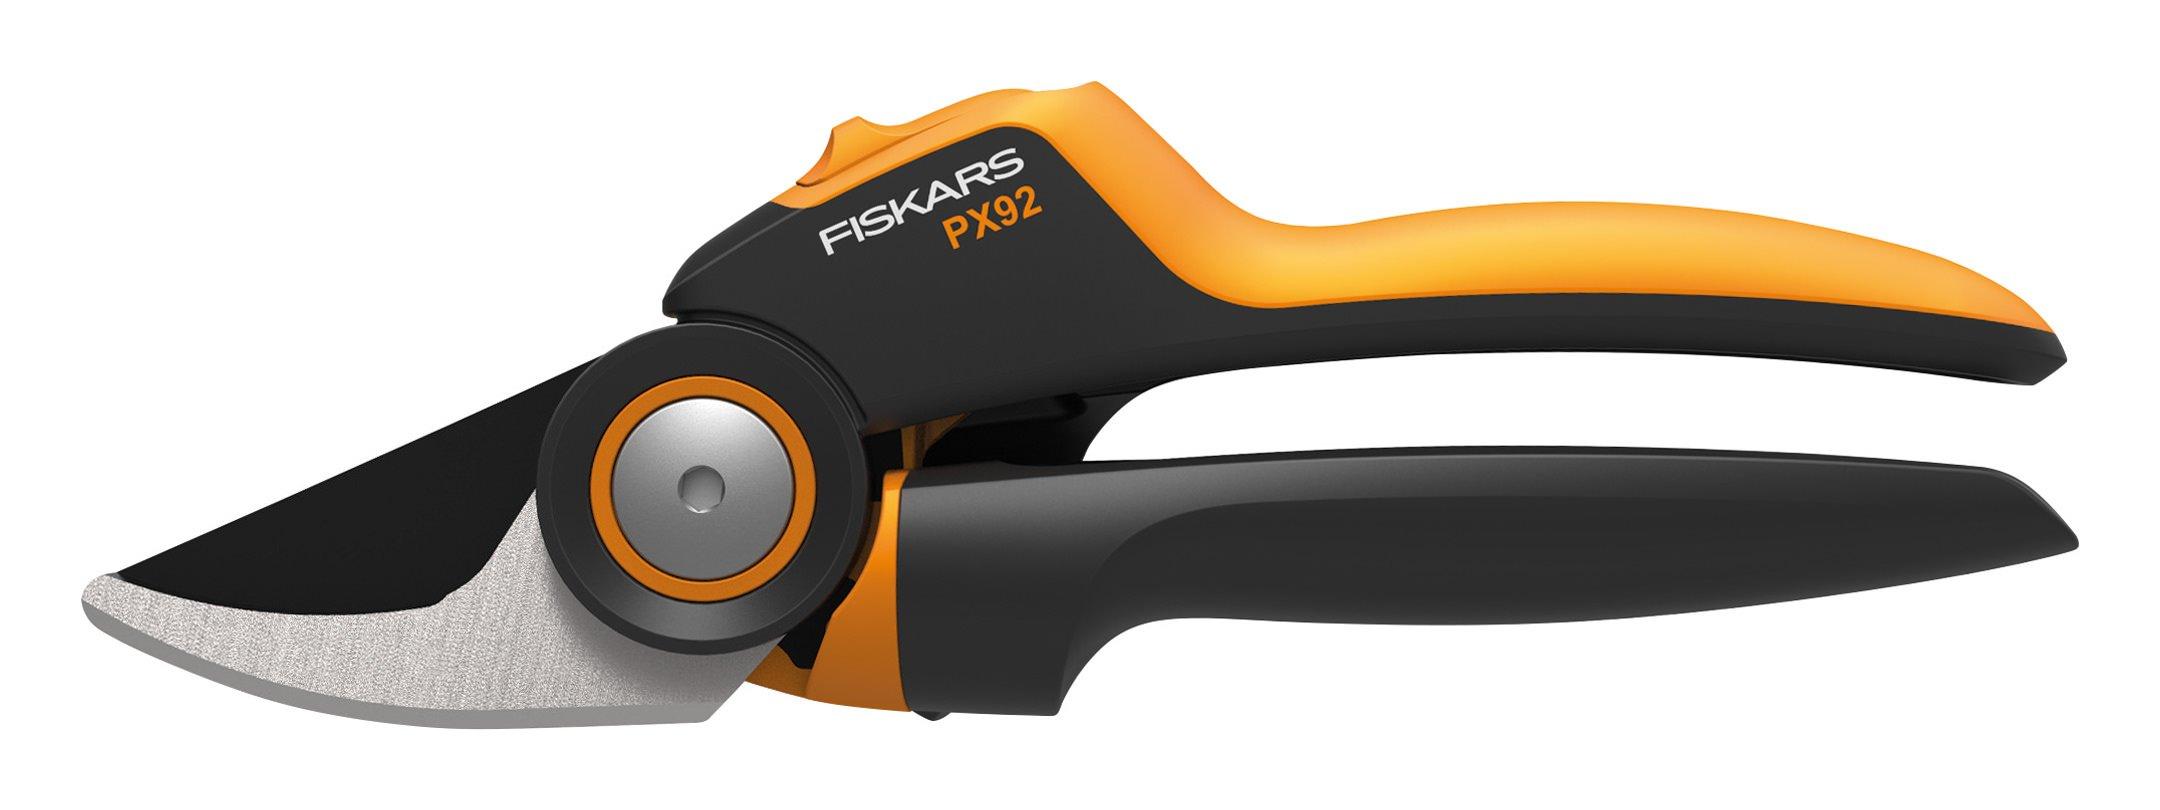 Fiskars Gartenschere Bypass PowerGear X PX92 - 1023630